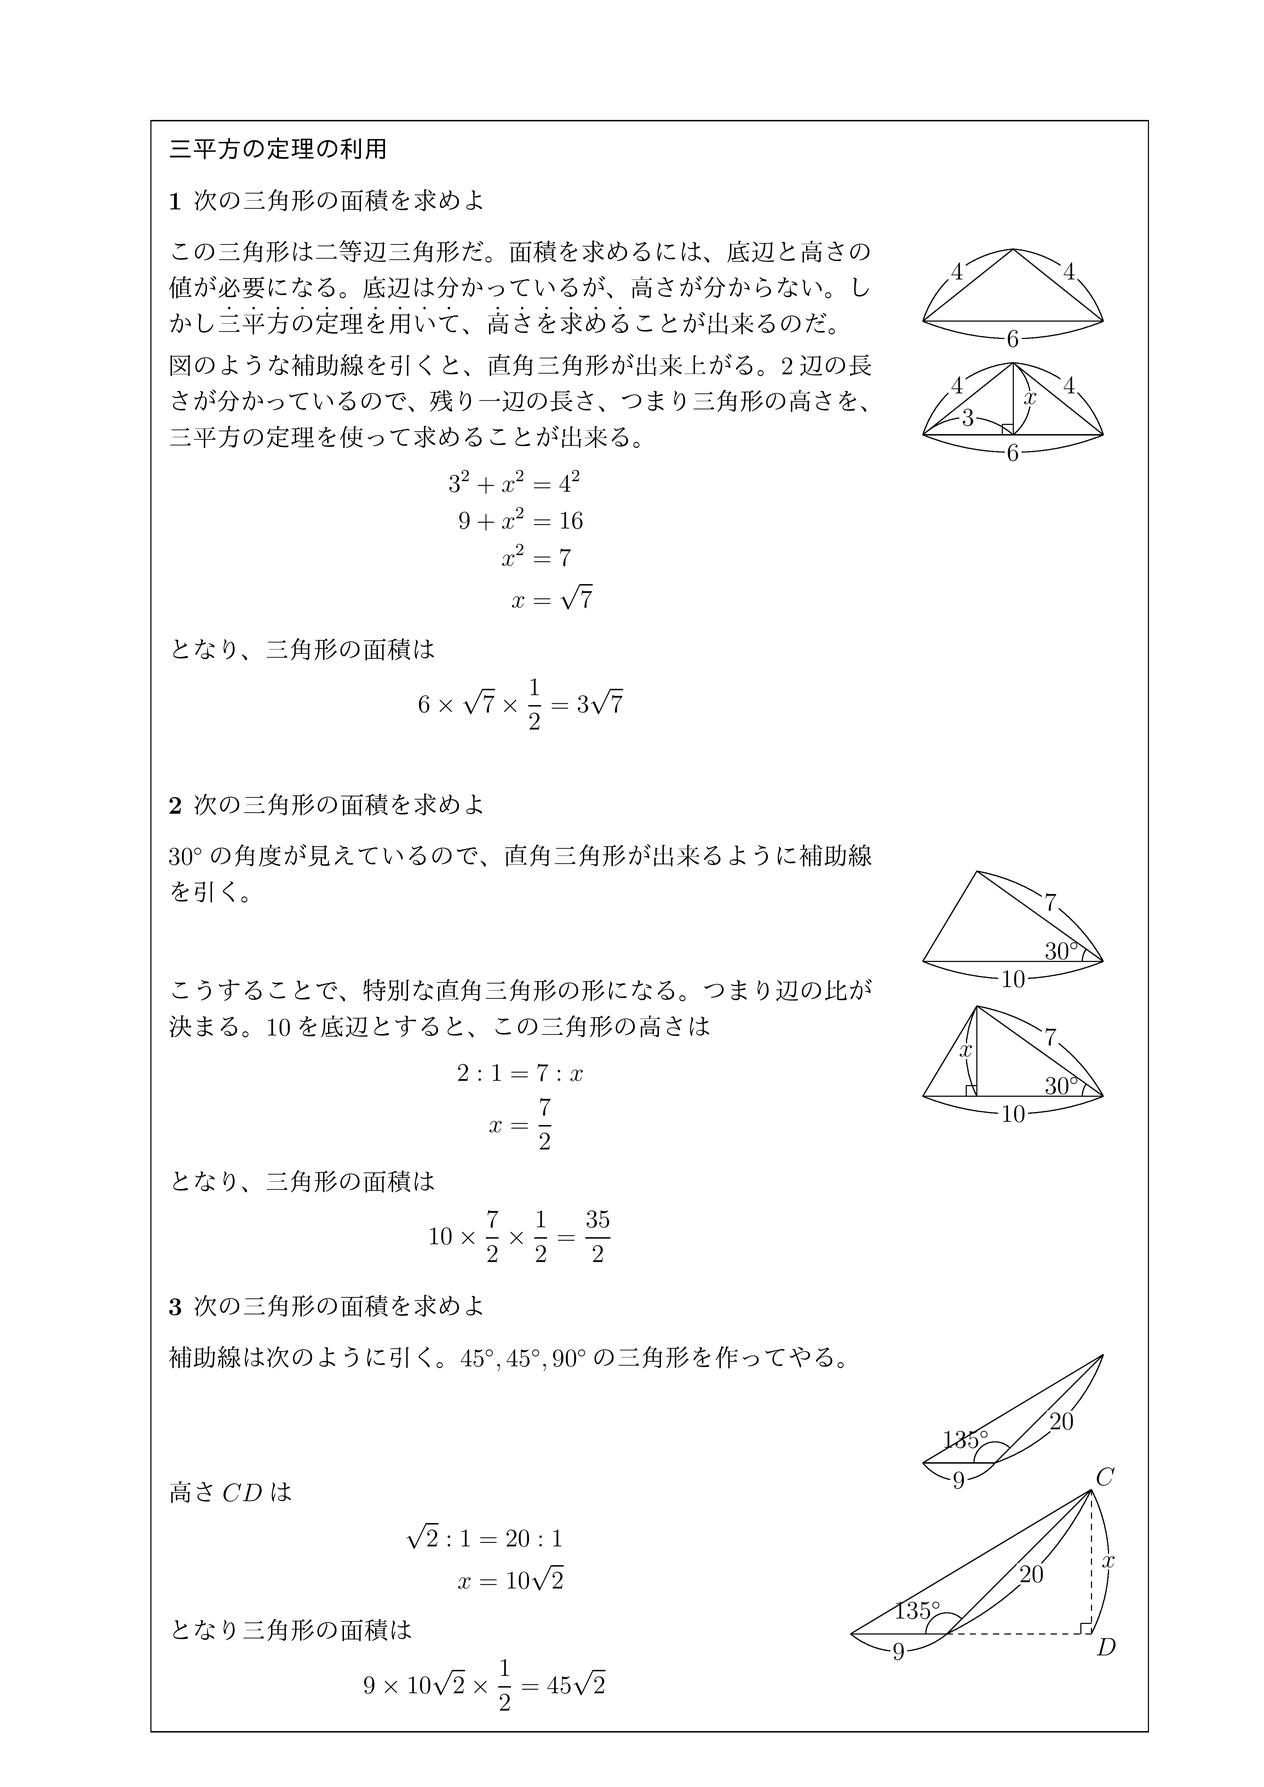 三平方の定理の利用